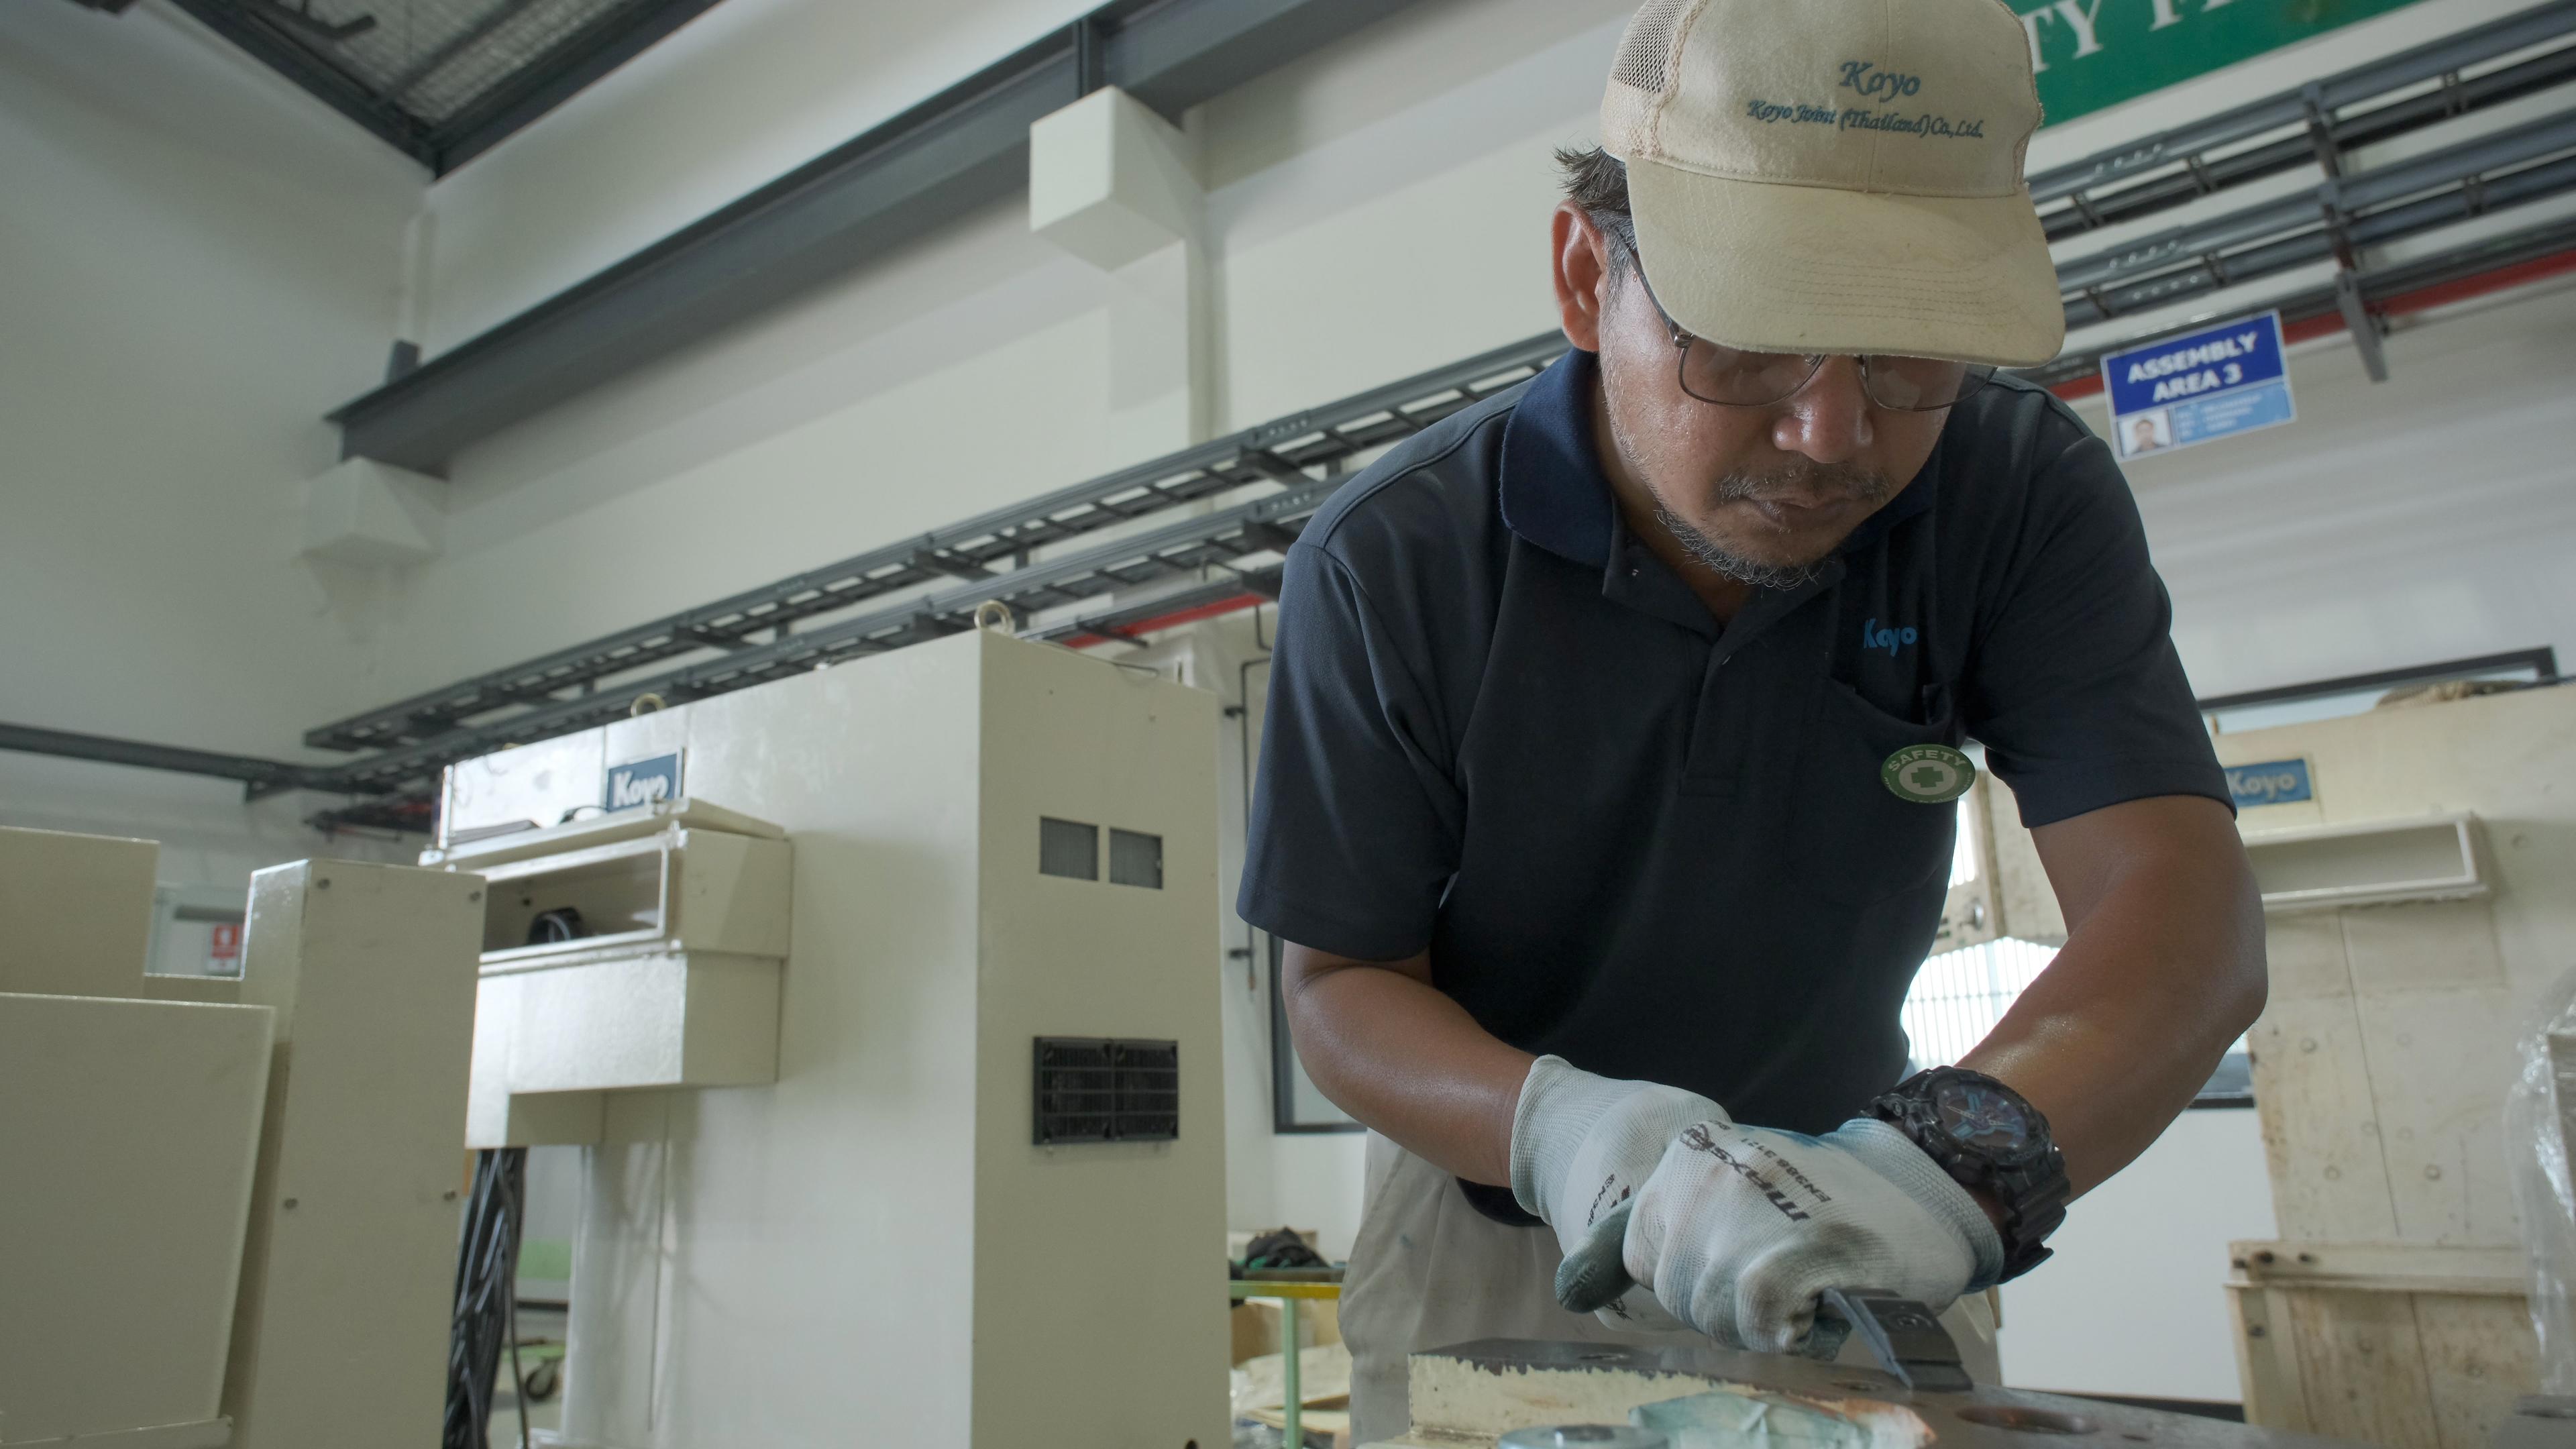 光洋が研削盤の状態や使用目的に沿って提案する4つのオーバーホール(修理・改造~レトロフィット)